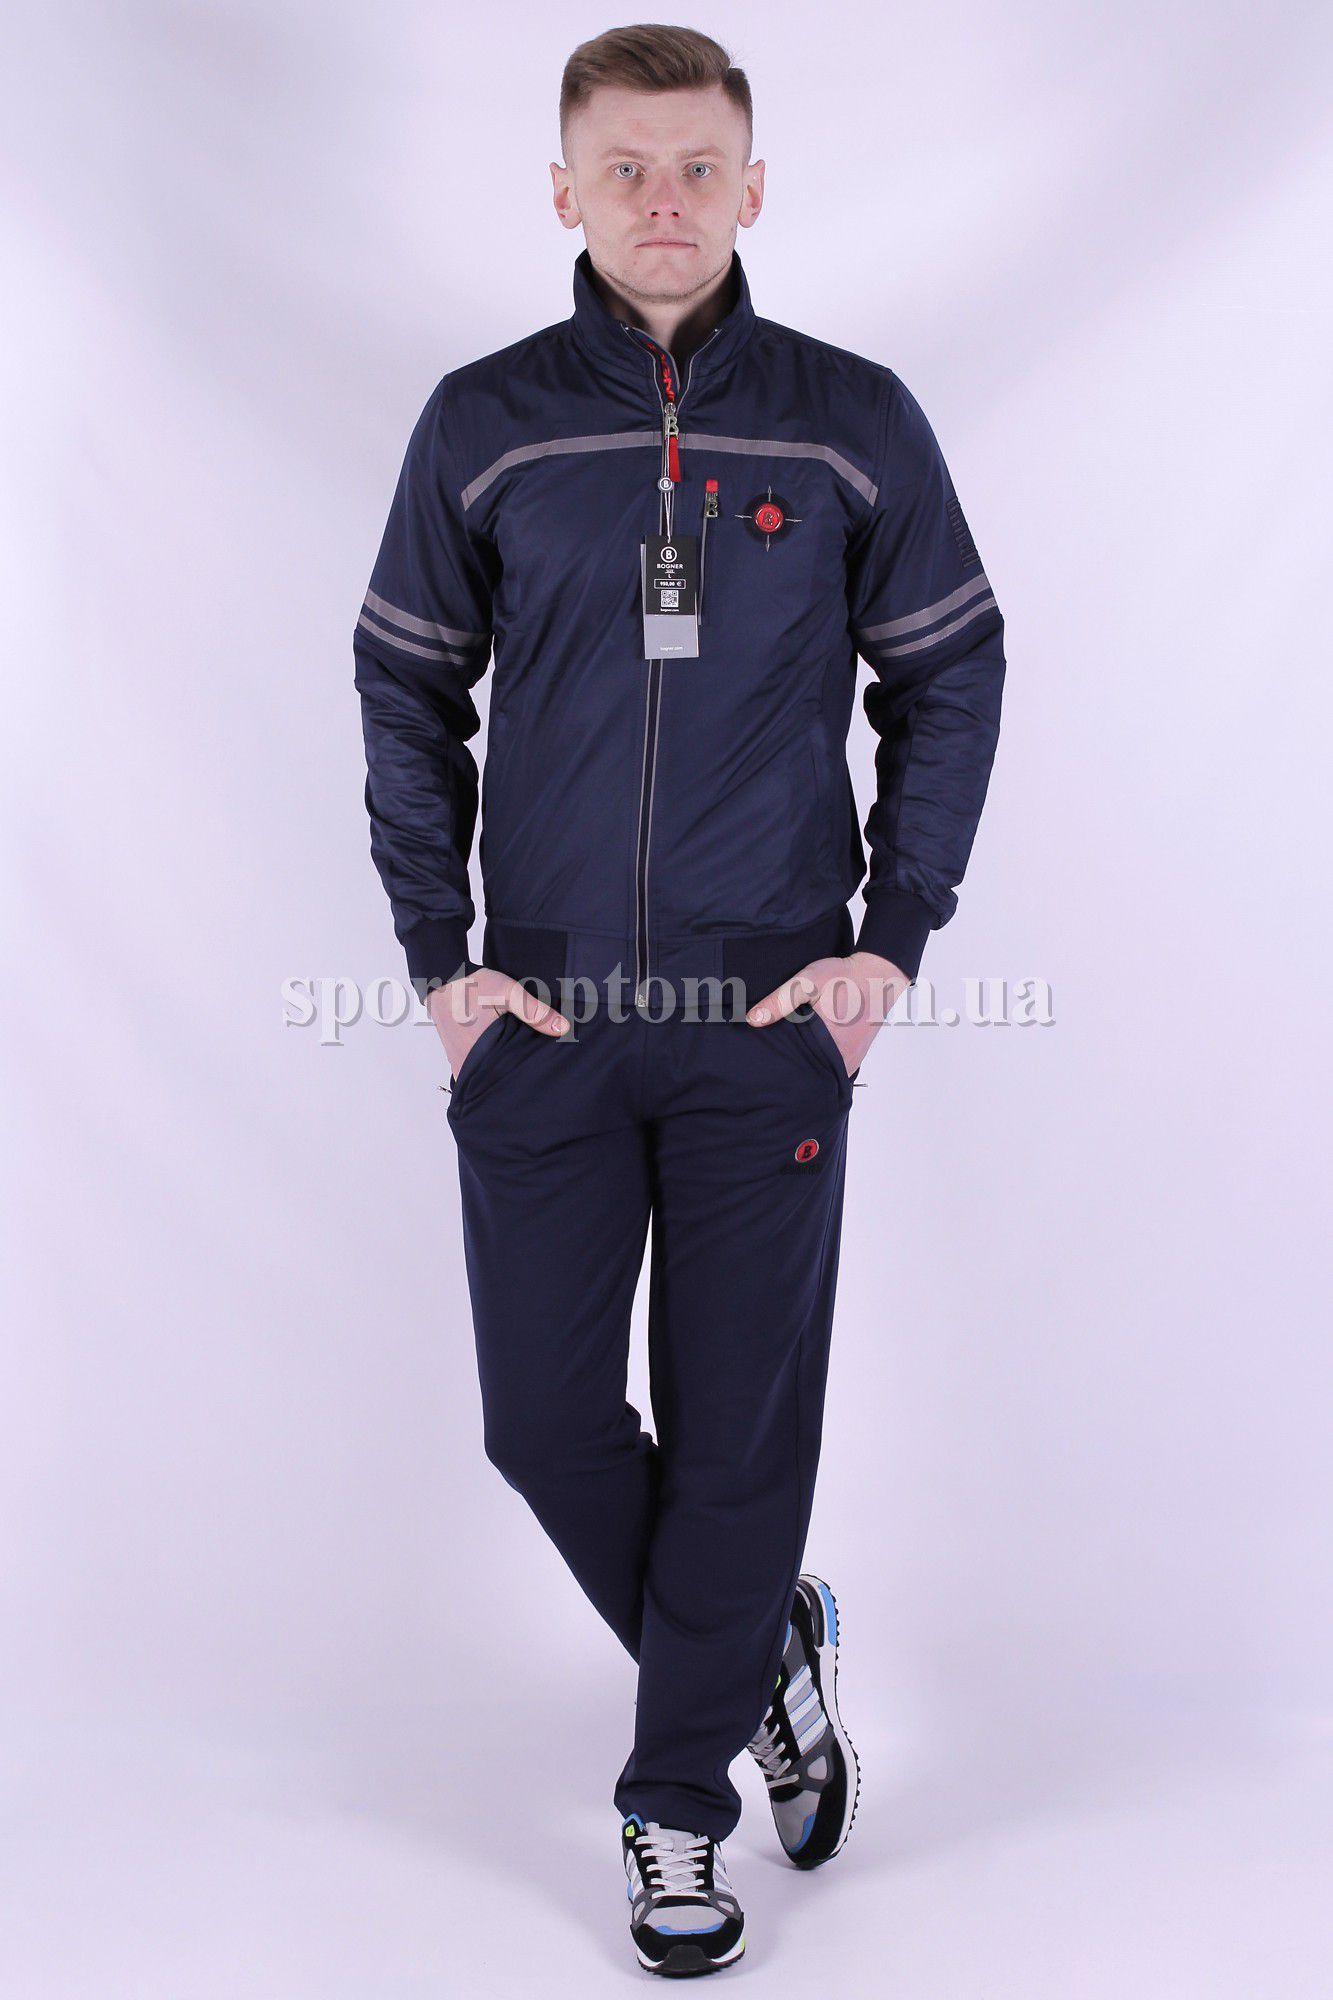 0beda2c31ee Купить оптом Мужской спортивный костюм Bogner 7244 турецкого ...